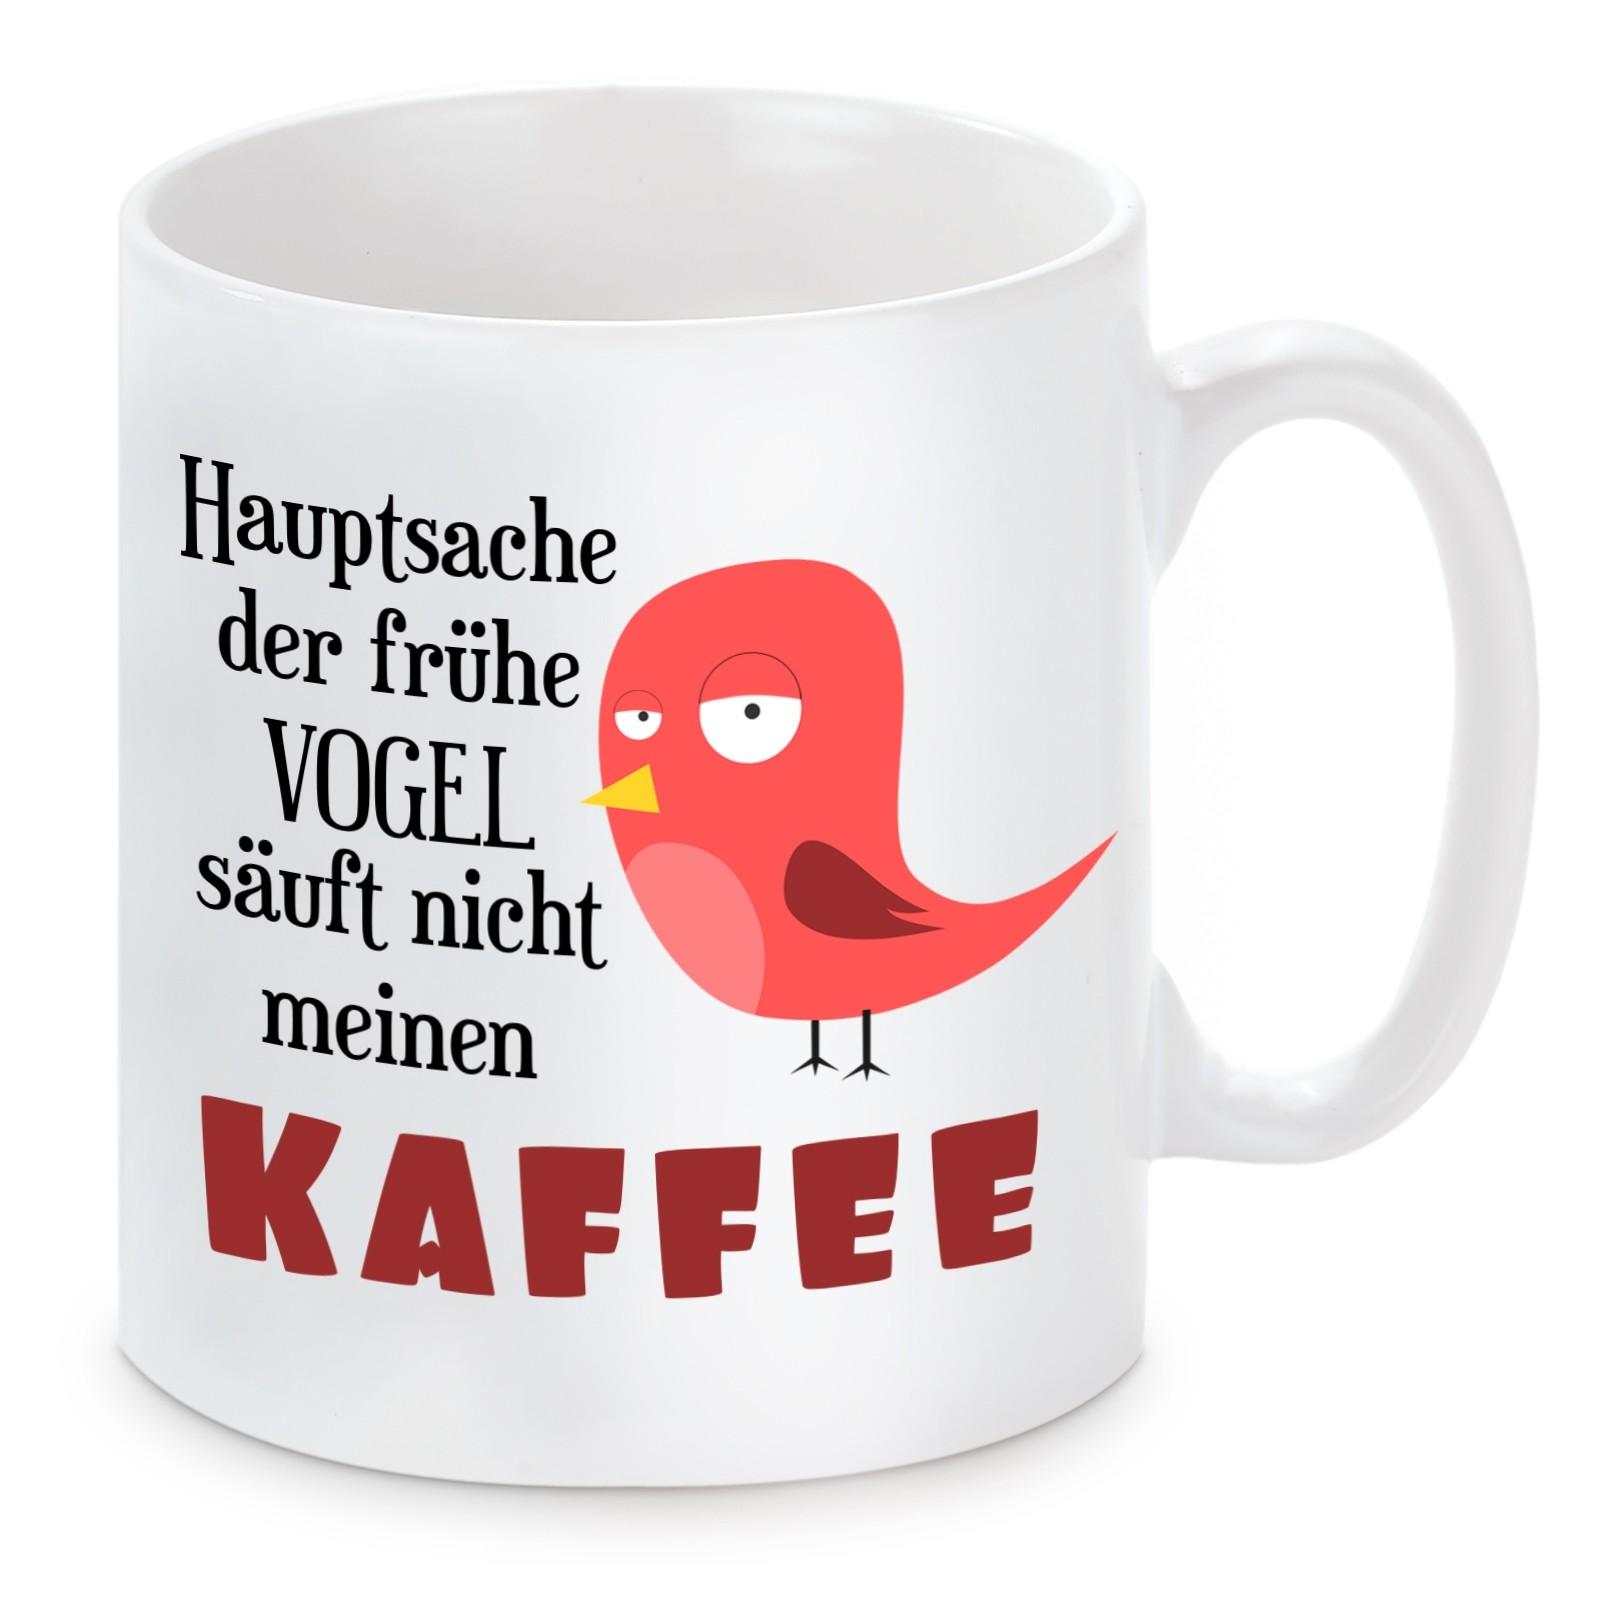 Tasse mit Motiv - Hauptsache der frühe Vogel säuft nicht meinen Kaffee